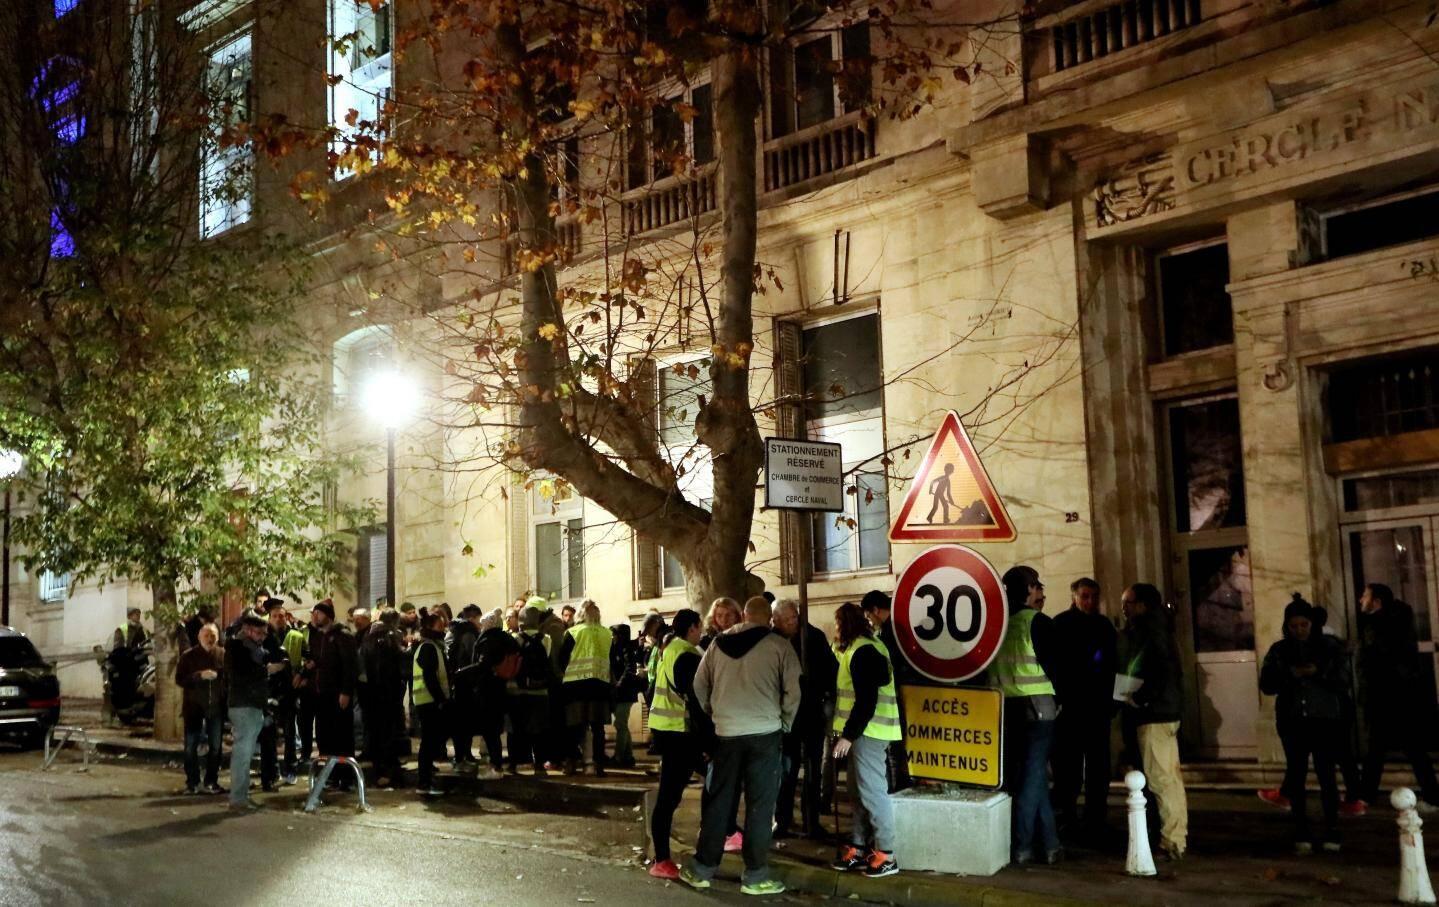 18 heures, manifestation silencieuse de « gilets jaunes » devant le commissariat central de Toulon. Ils demandent « justice pour tout le monde, à la même vitesse, à la même hauteur ». Et que le policier qu'ils incriminent « réponde de ses actes ».